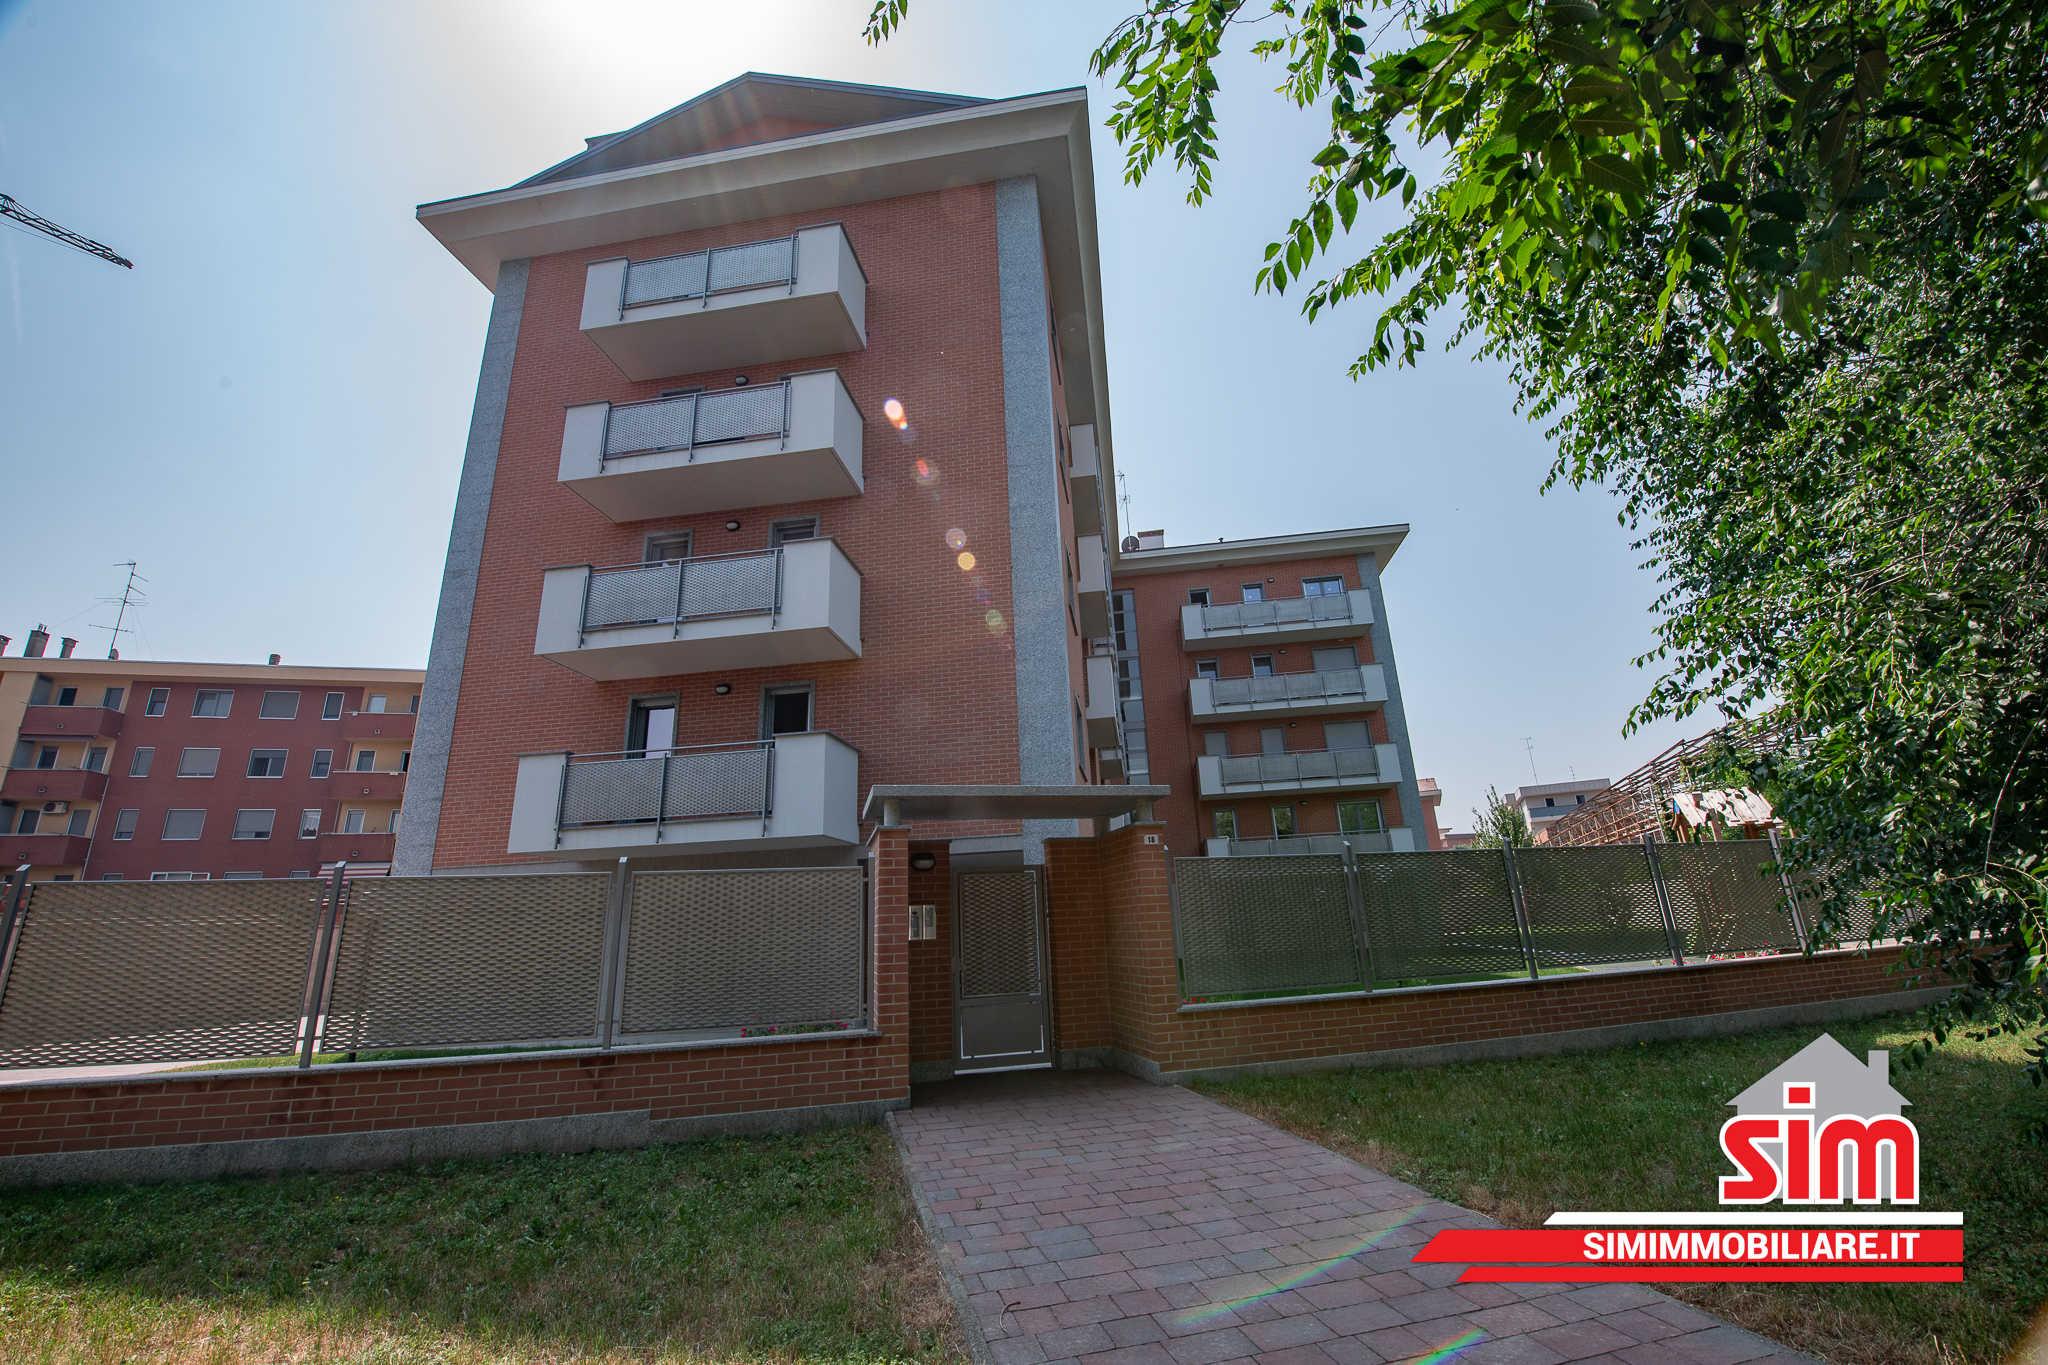 acquistare una casa in classe A a Novara